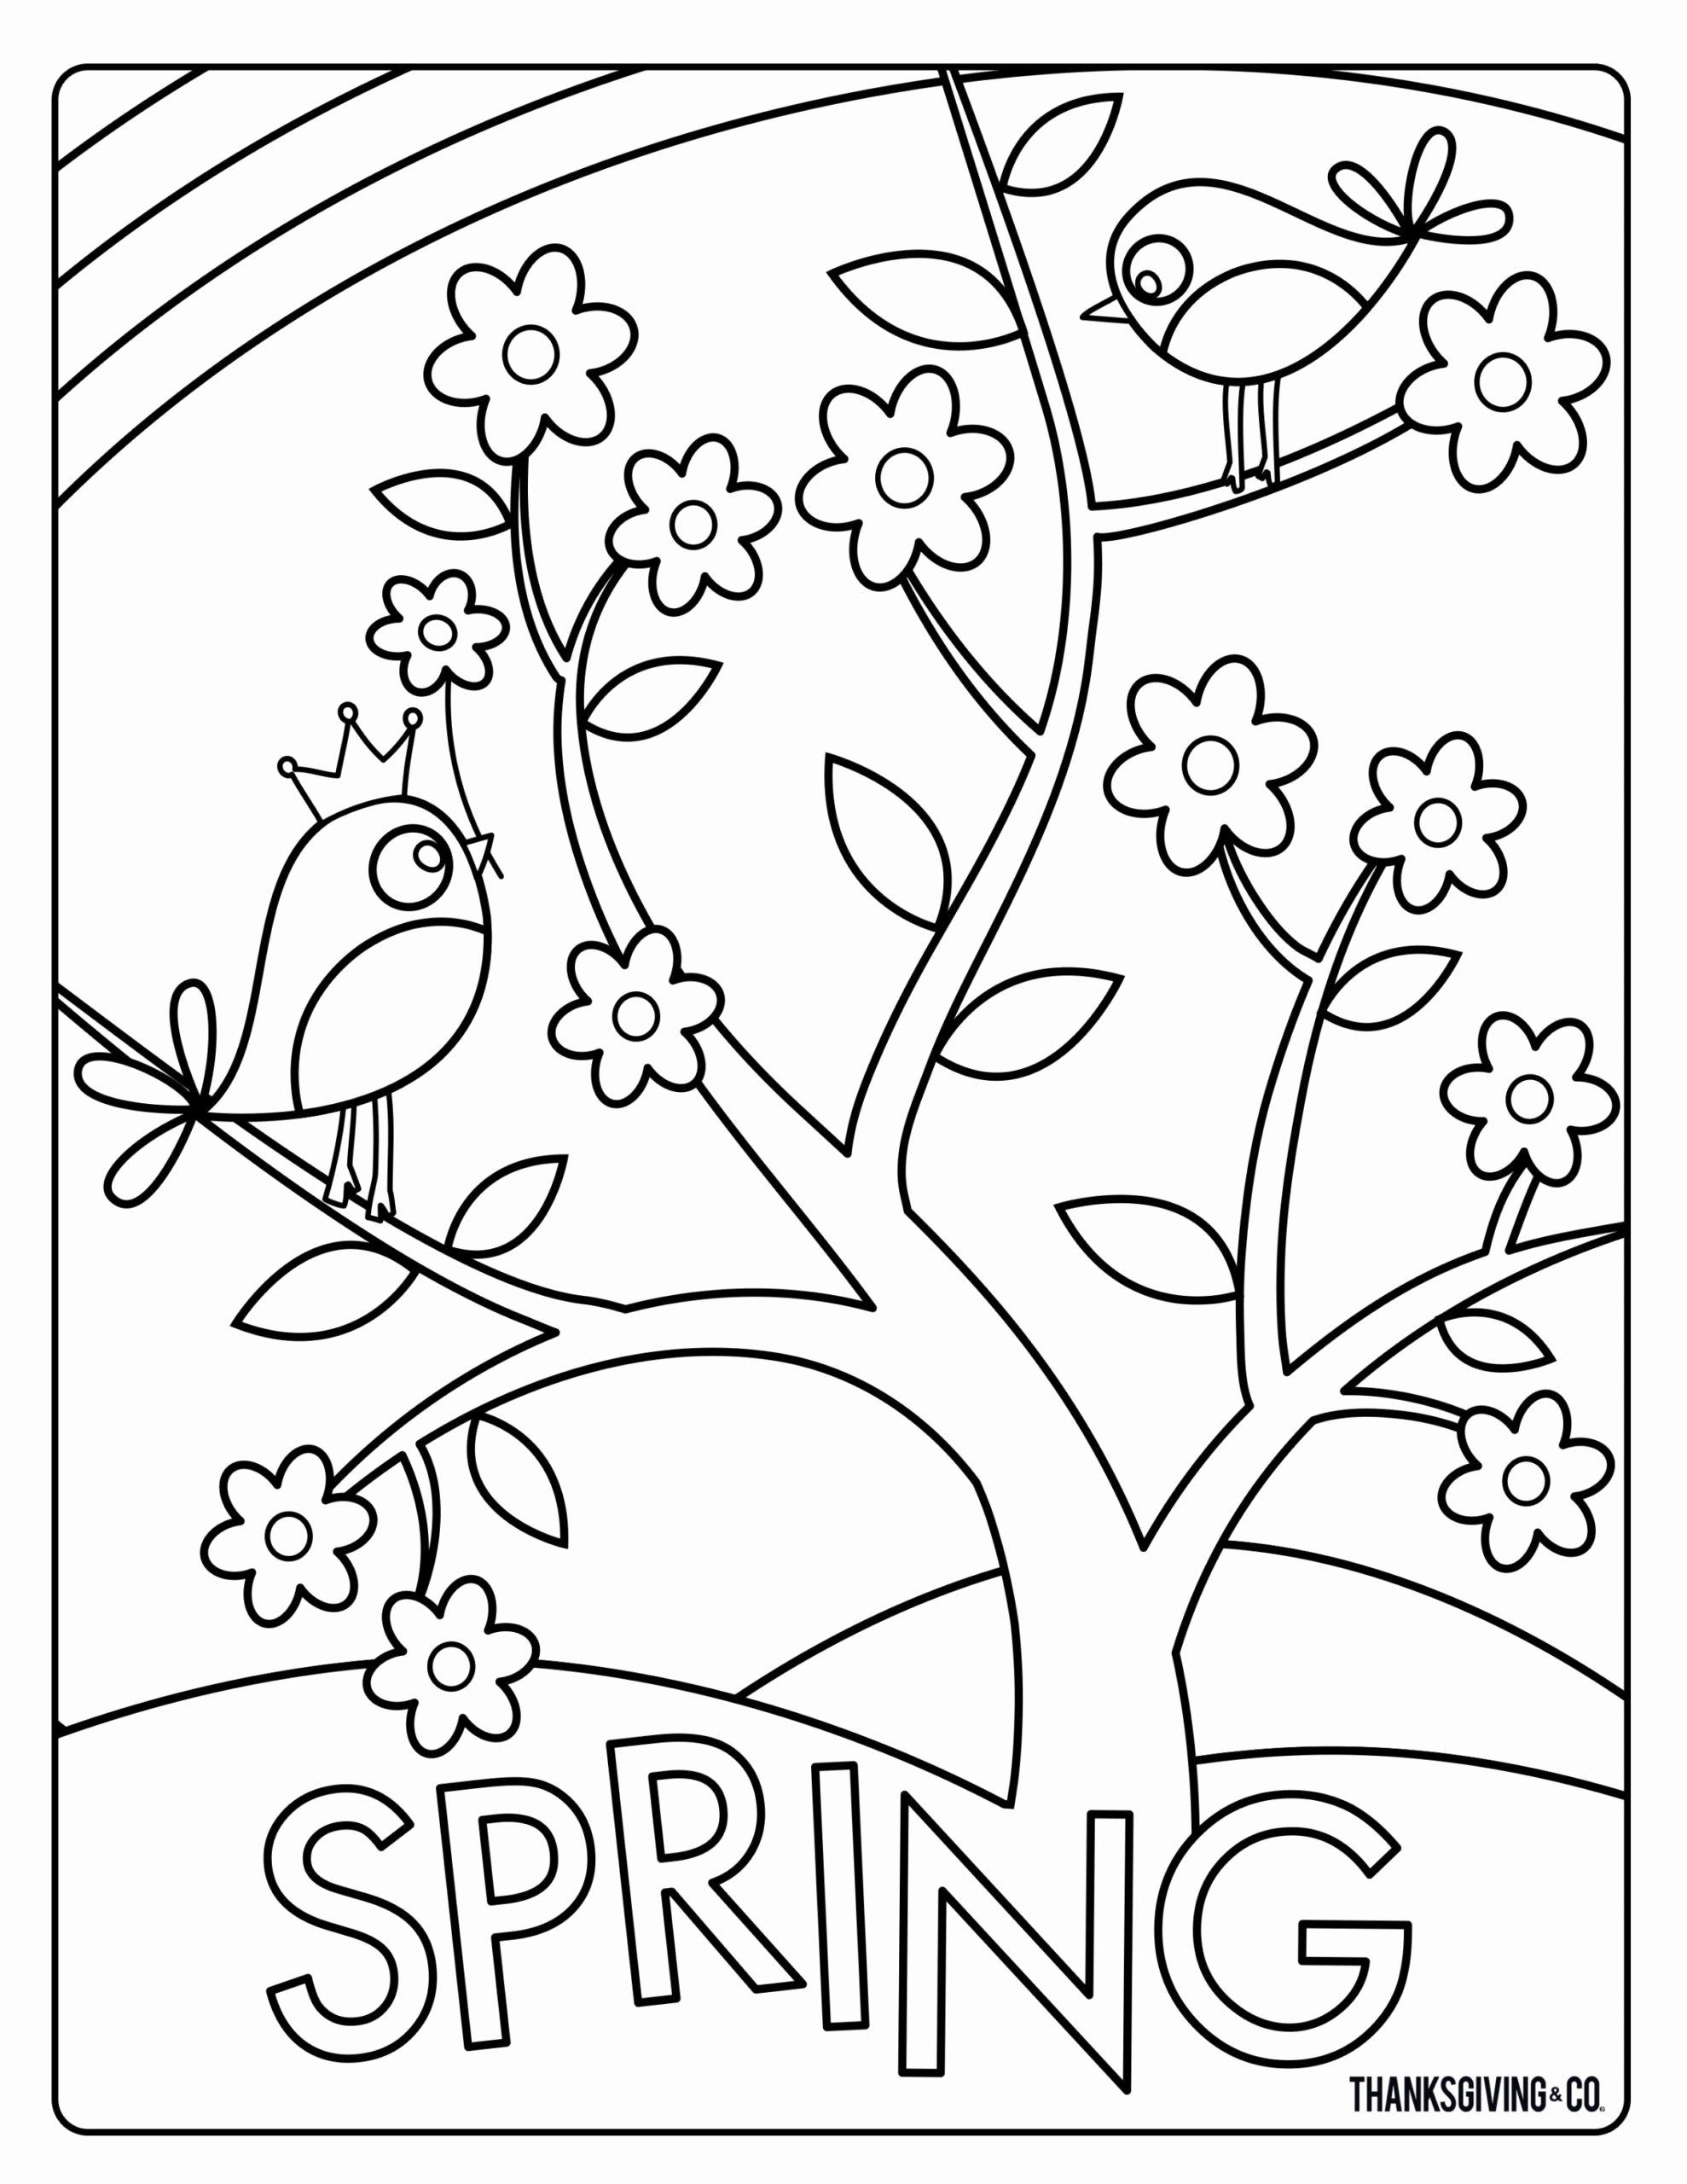 Spring Worksheets for Preschoolers Unique Spring Coloring Sheets for toddlers Coloringheets Happy Kids